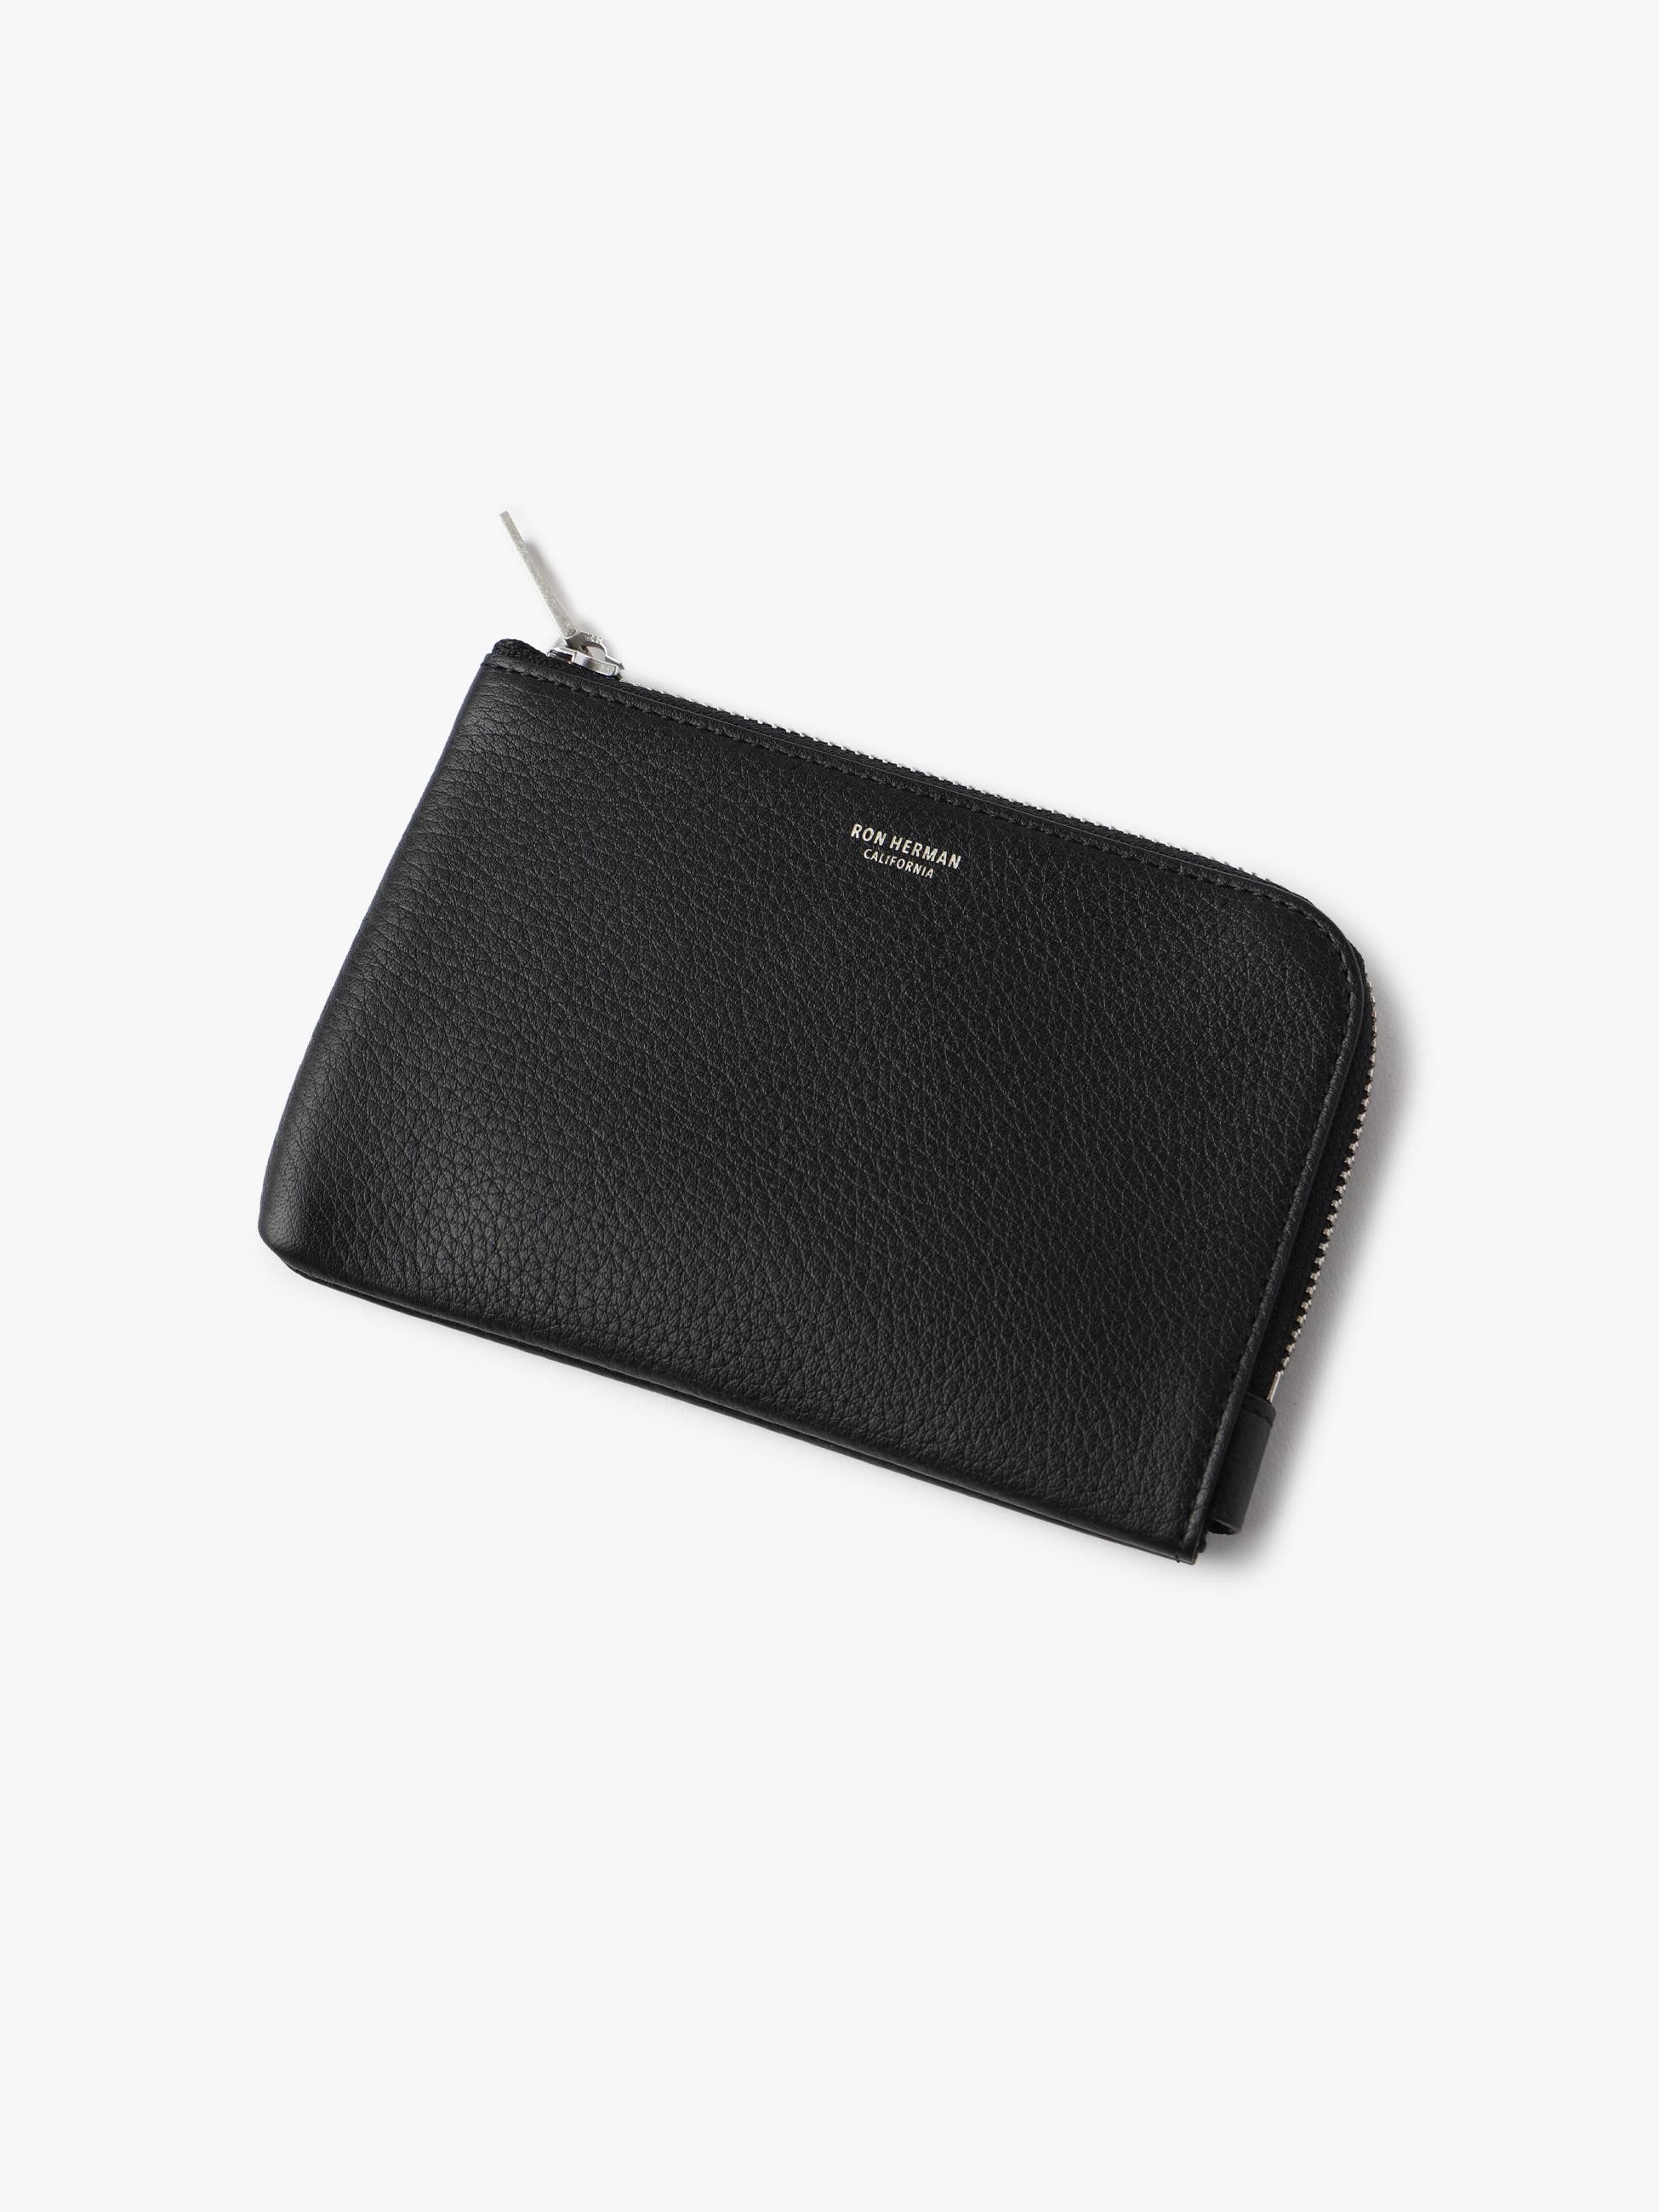 ロンハーマン 財布